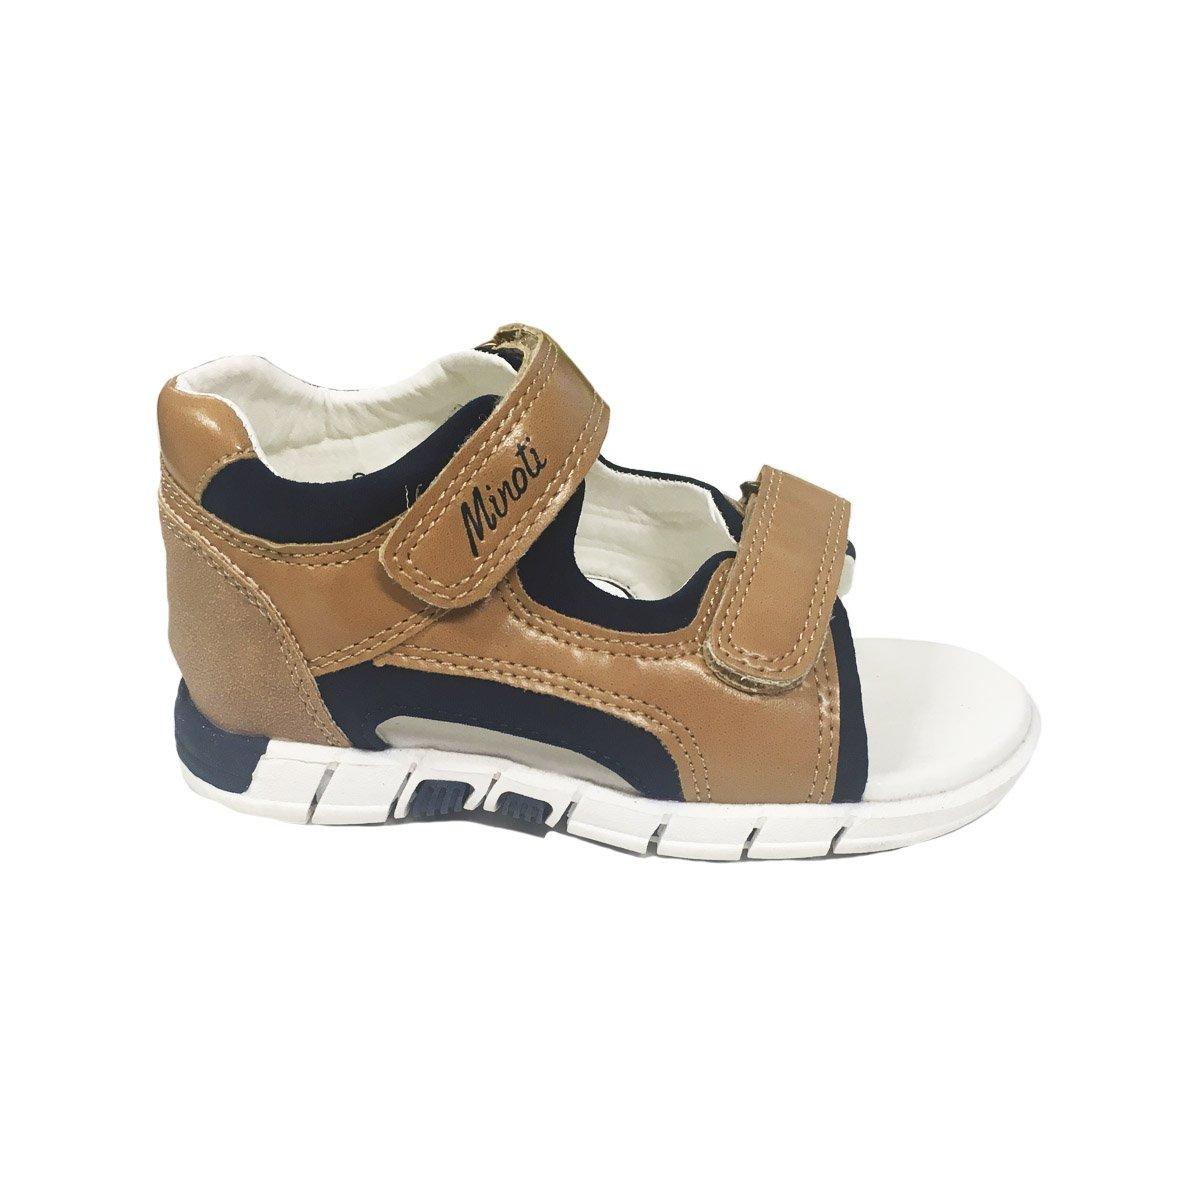 Sandale baieti inchidere cu scai in culori, Minoti Shoe